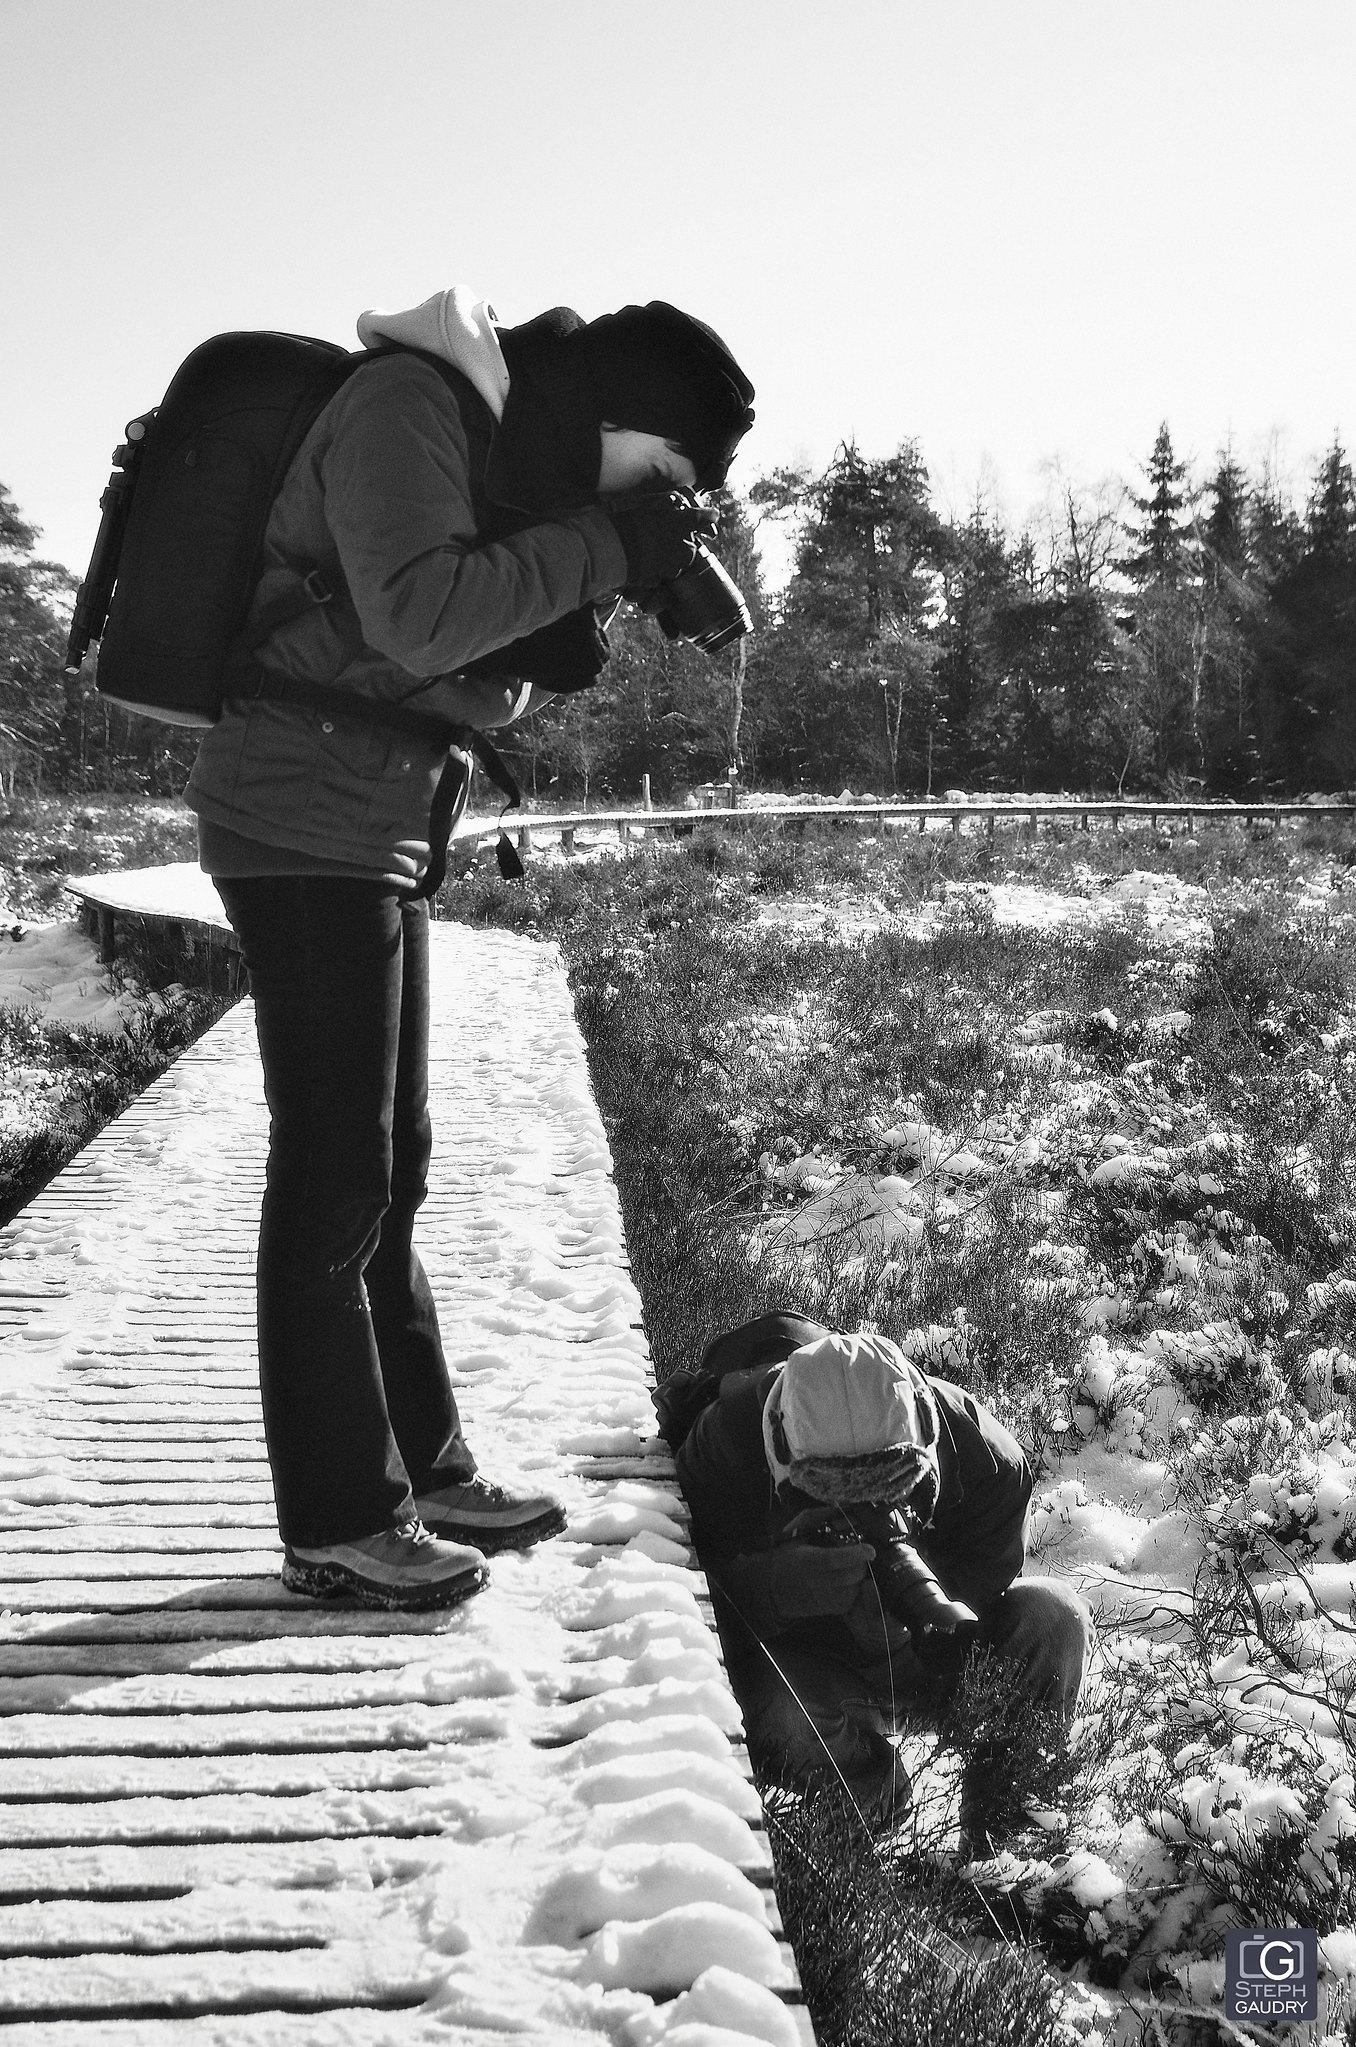 Serial photographers [Cliquez pour lancer le diaporama]